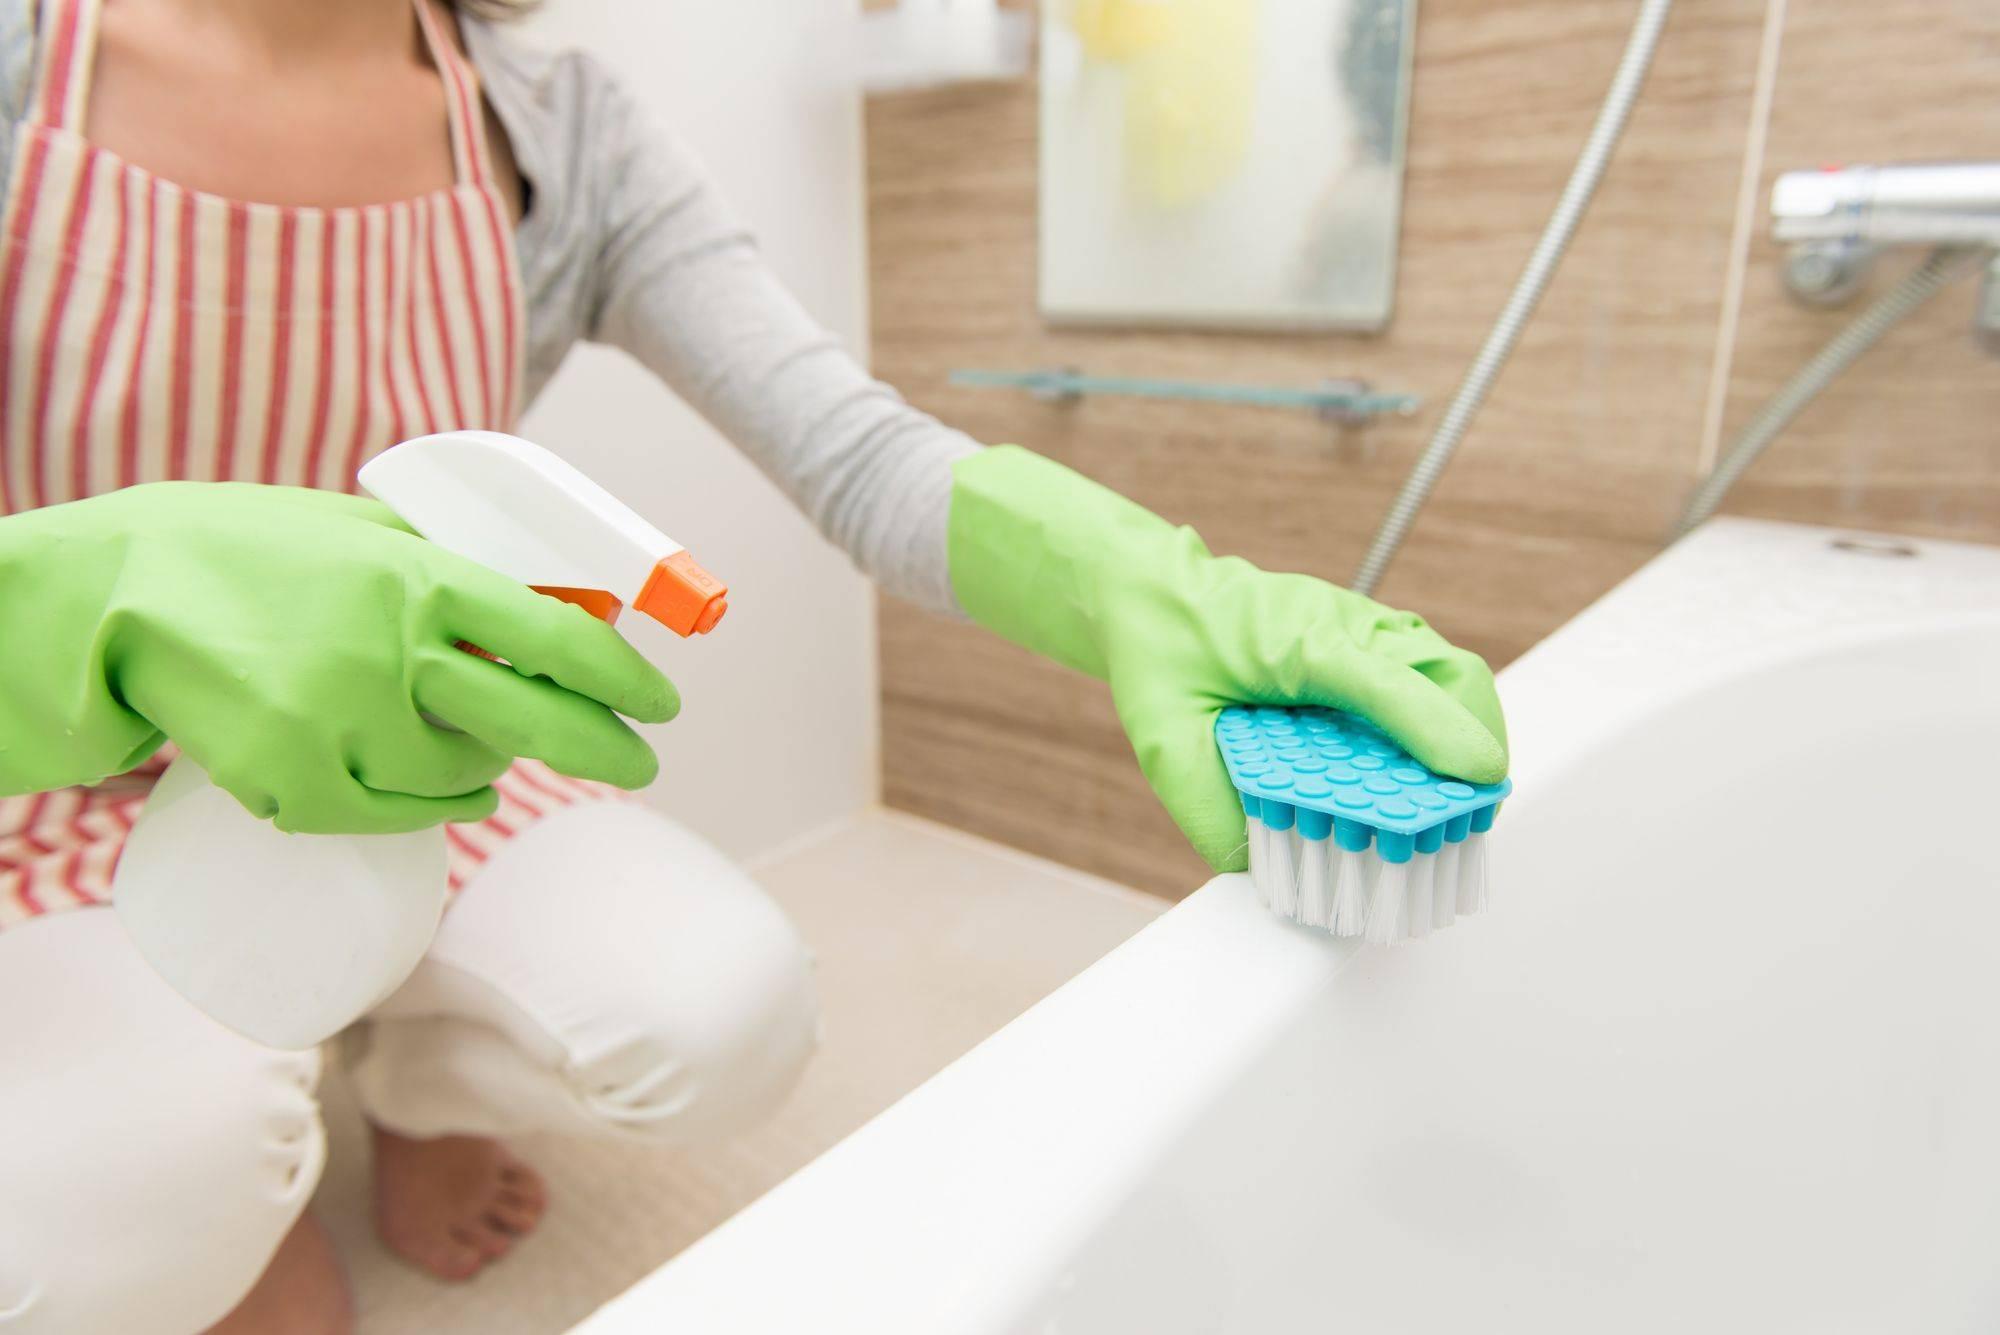 Чёрная плесень в ванной как избавиться - все о канализации